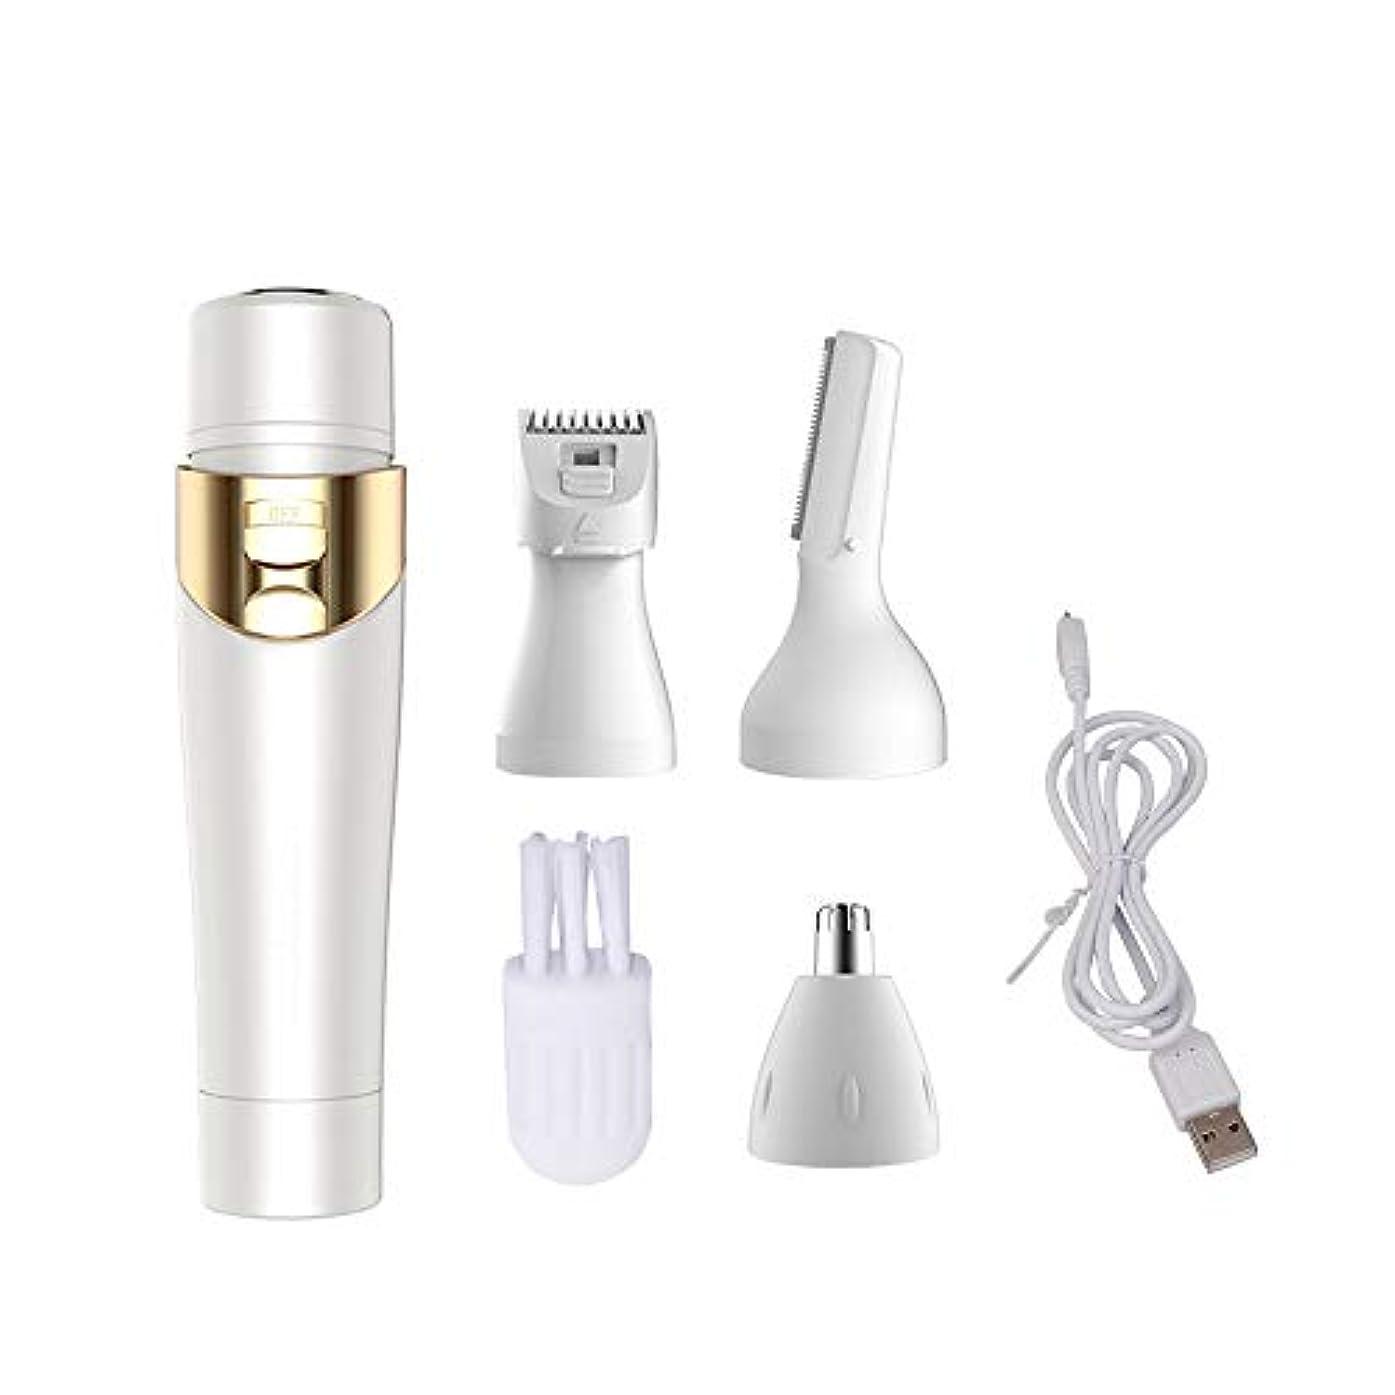 頭痛サンプルラジエーター鼻の毛のトリマー5 1の女性の軽い再充電可能な省エネの軽量持ち運びが容易使いやすい洗える取り外し可能フェイスヘッドとボディシェイピングに適して